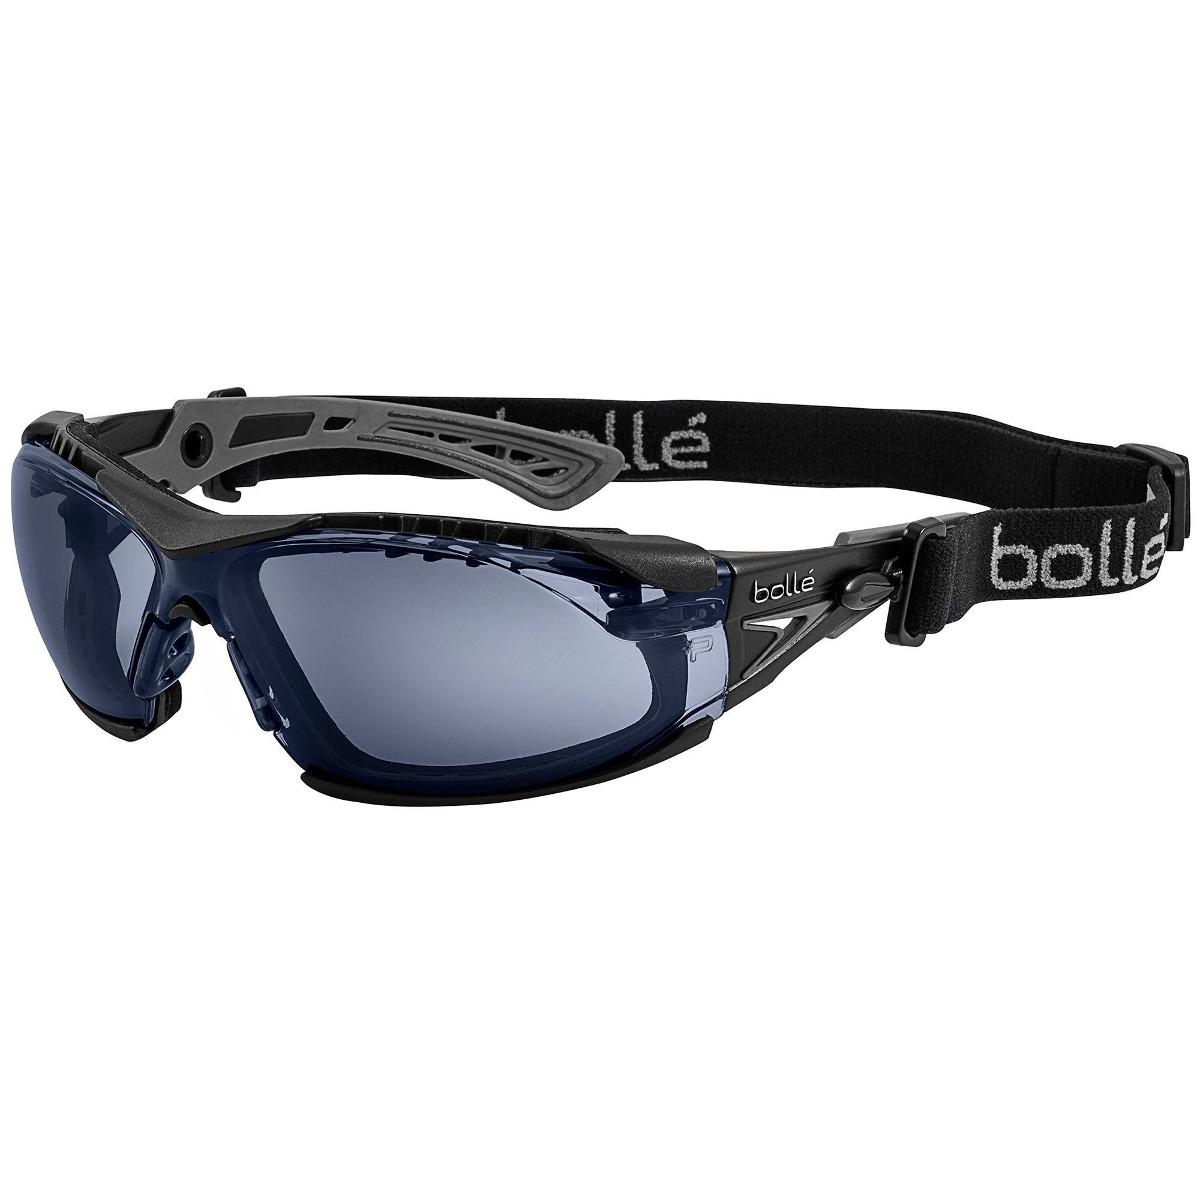 3e8ae0ab08 gafas de seguridad bolle safety rush con espuma y correa en. Cargando zoom.